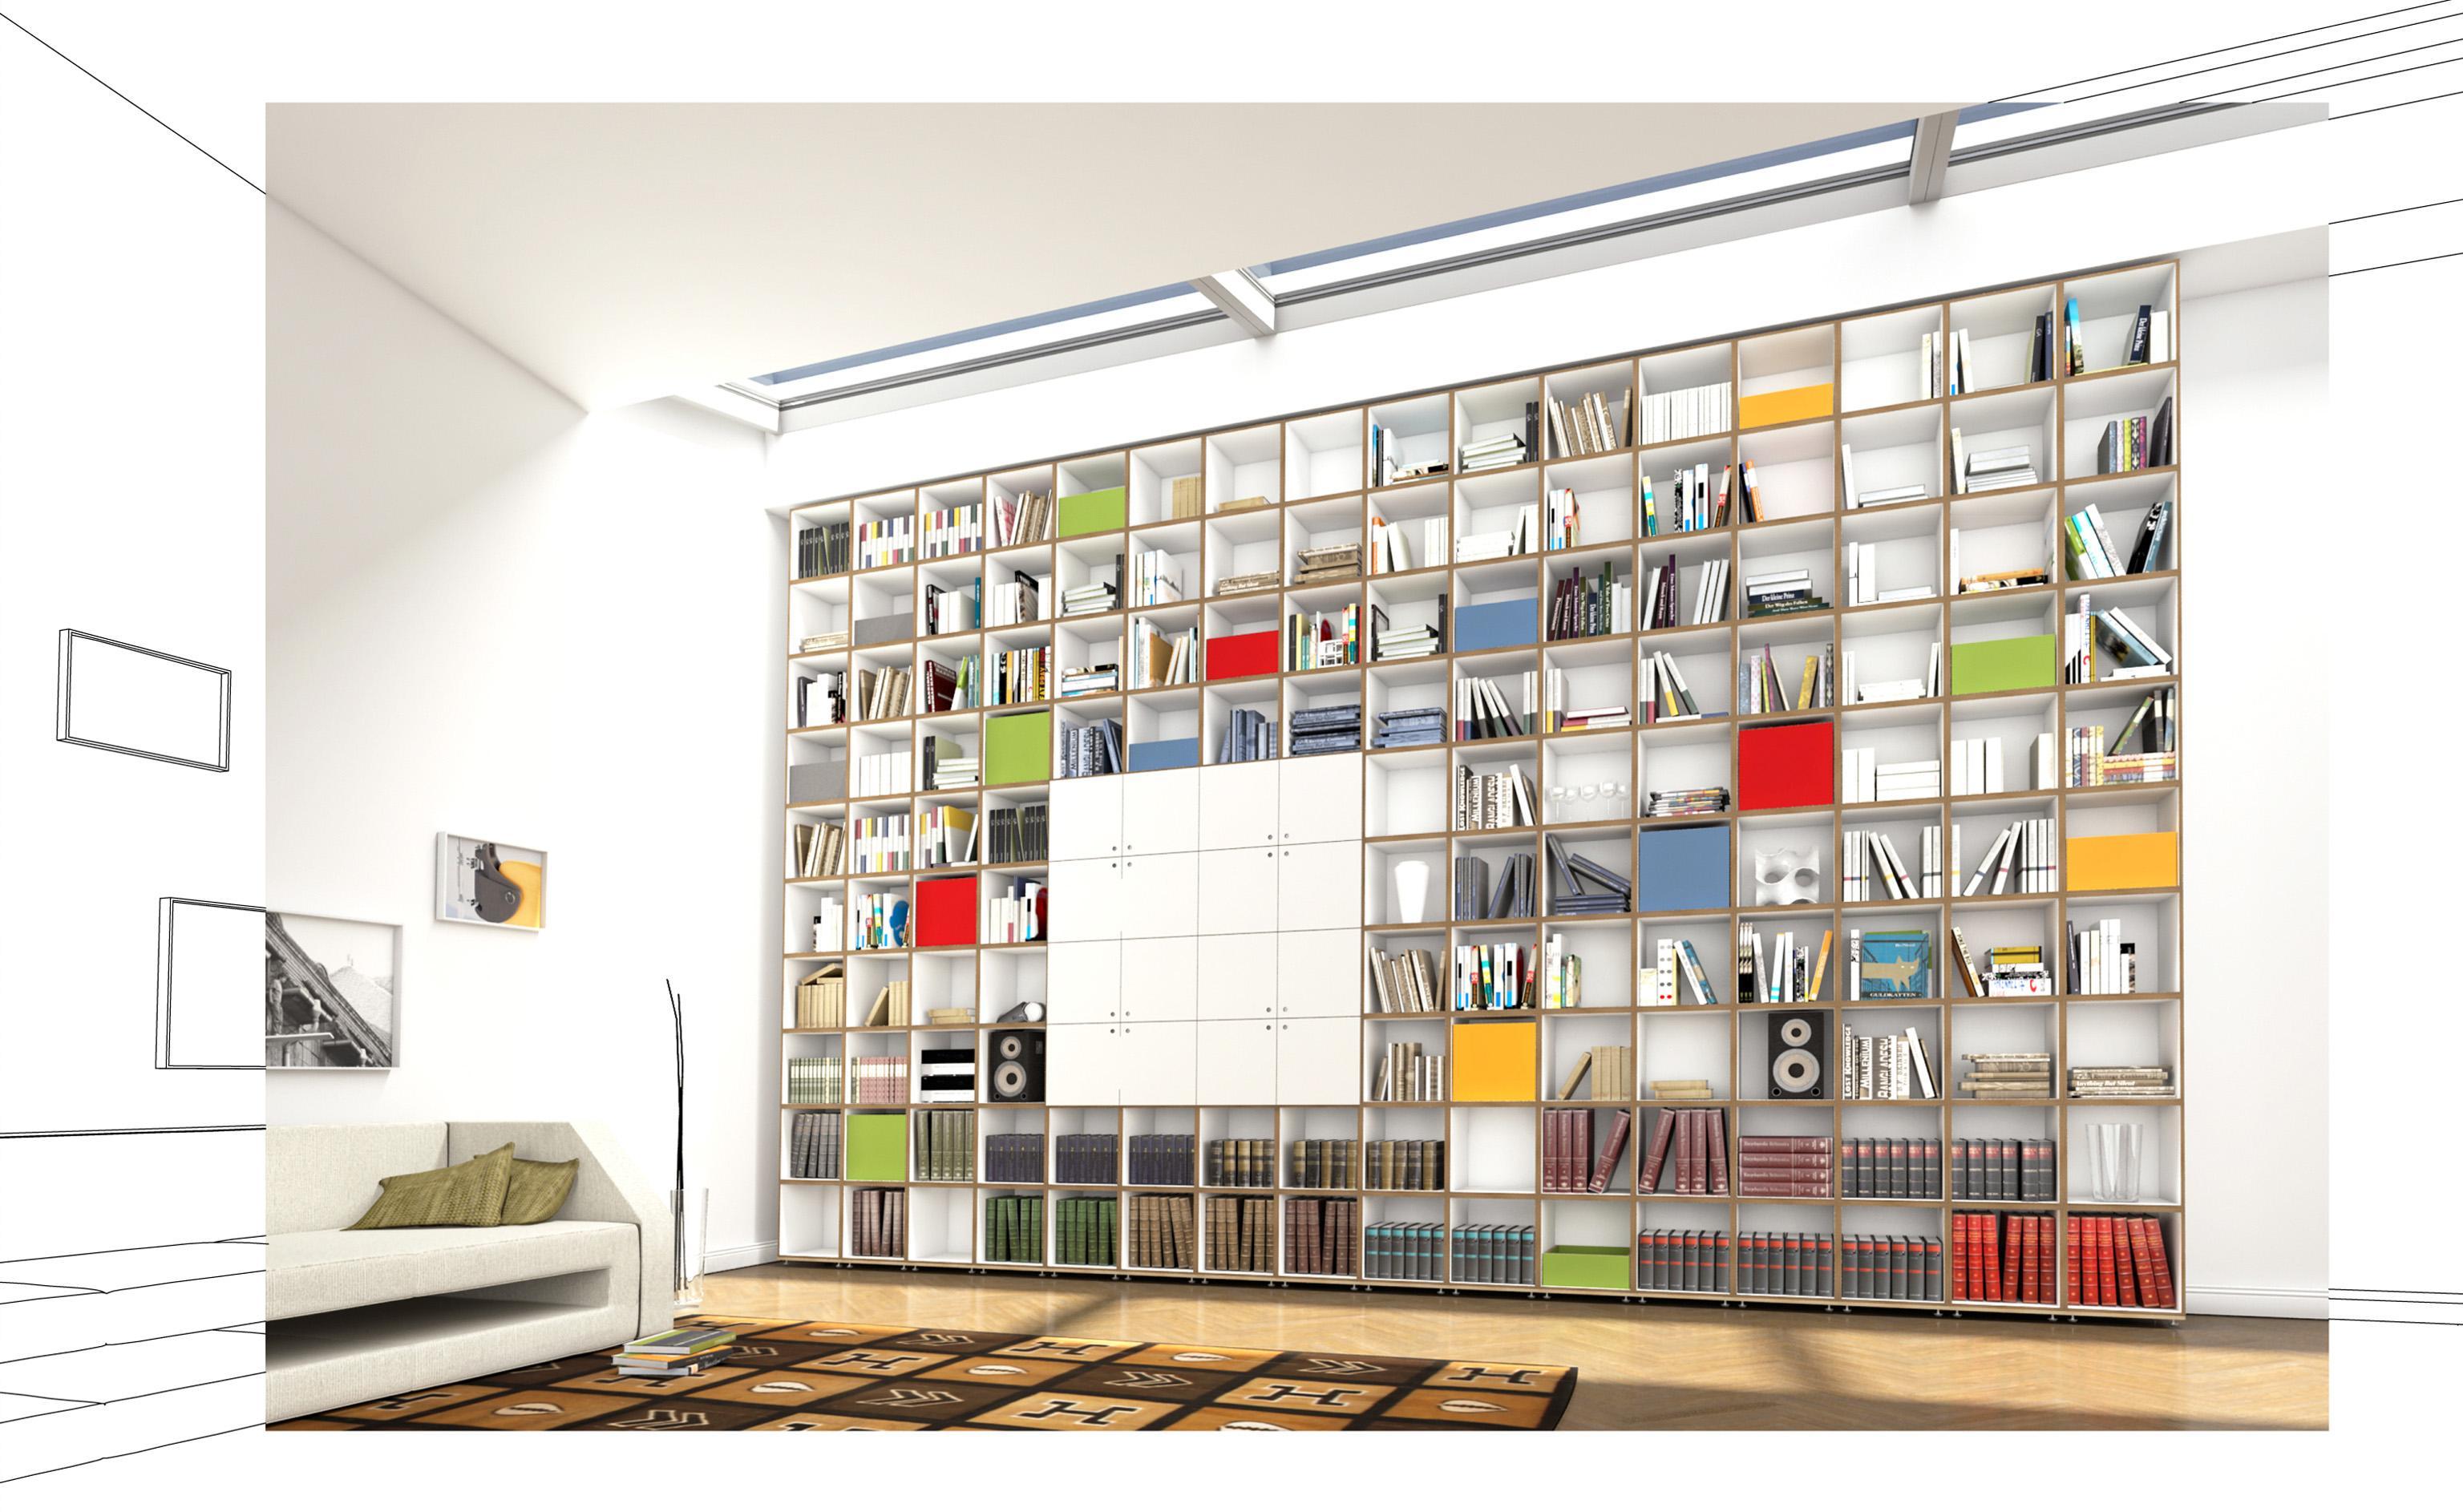 Schön Modulares Bücherregal #wandregal #bücherregal #regalsystem #wohnzimmerregal  ©stocubo GmbH